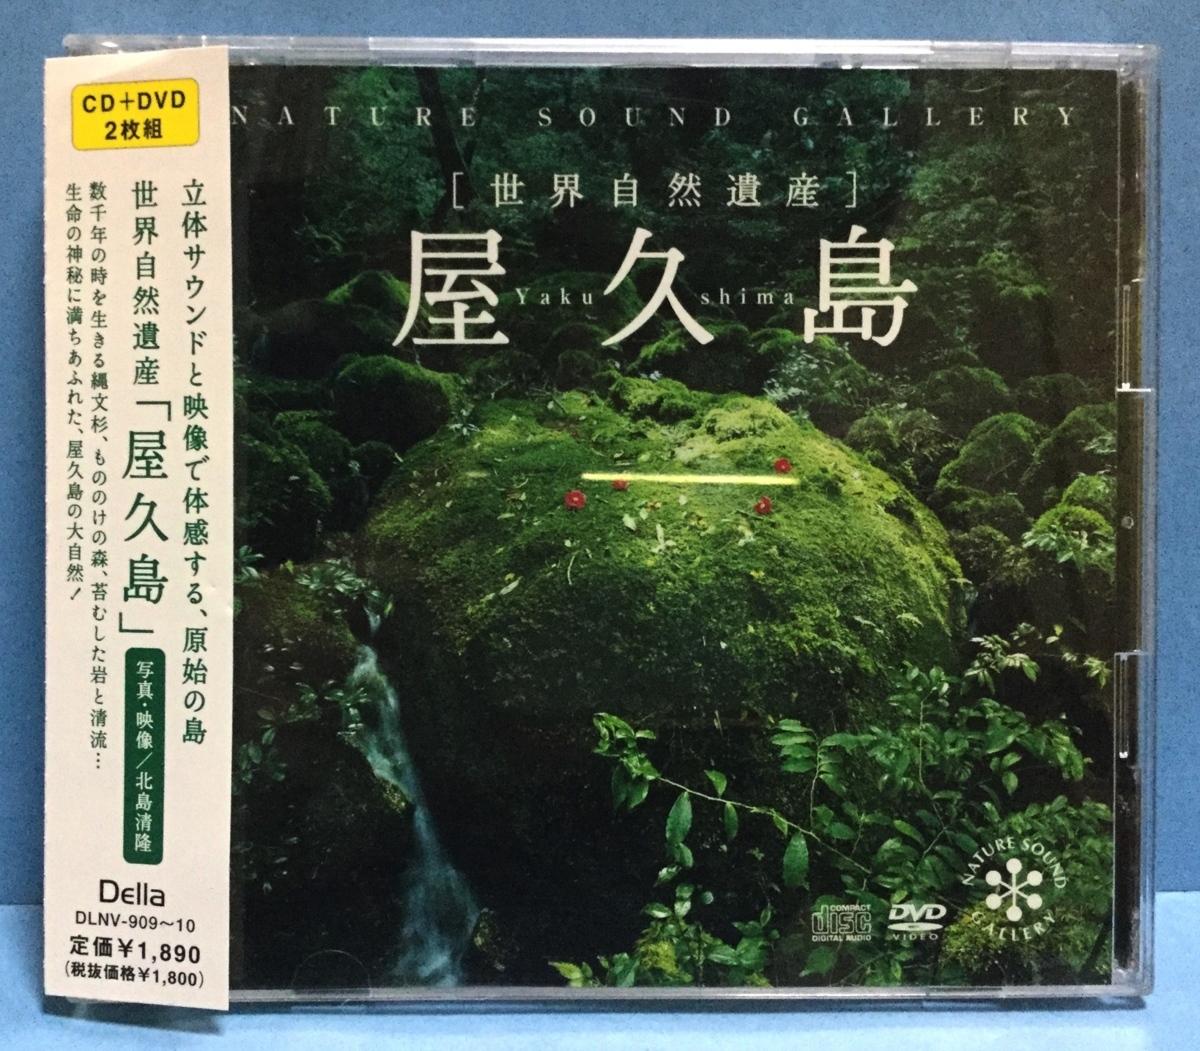 CD+DVD その他 ネイチャー・サウンド・ギャラリー 屋久島_画像1